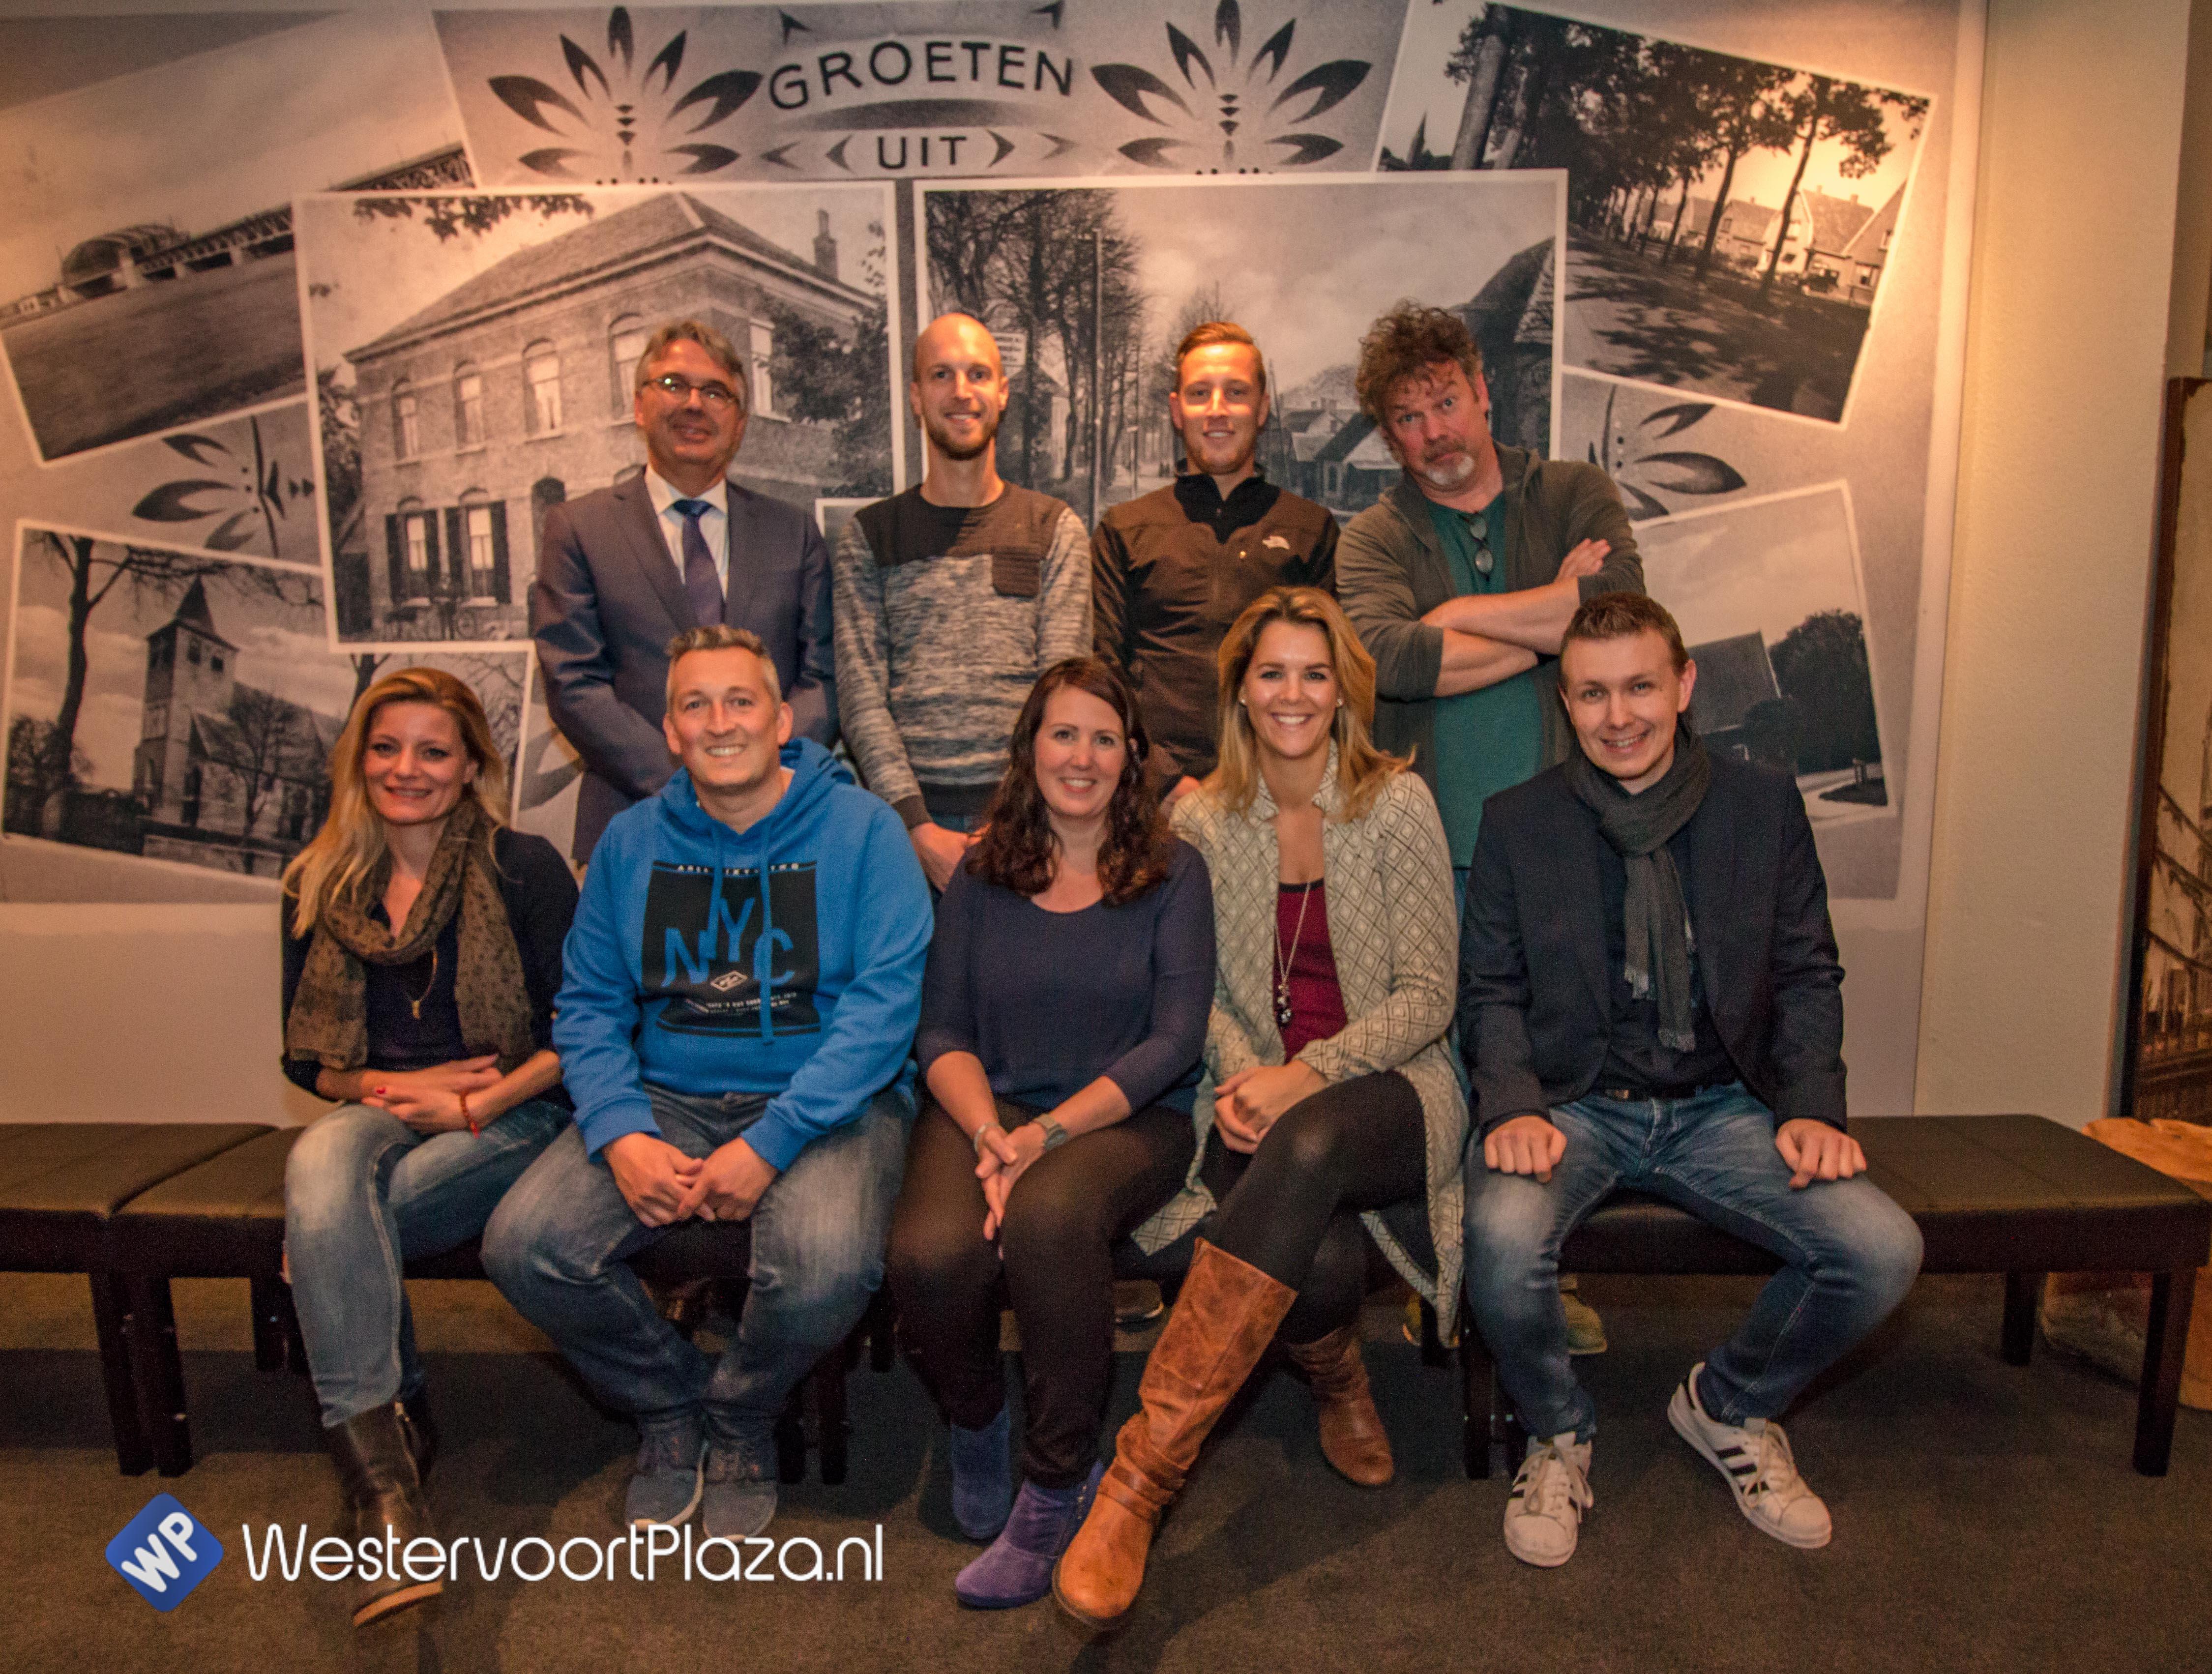 Geliefde Nieuwe stichting heeft volop frisse ideeën voor Koningsdag 2018  #RH15